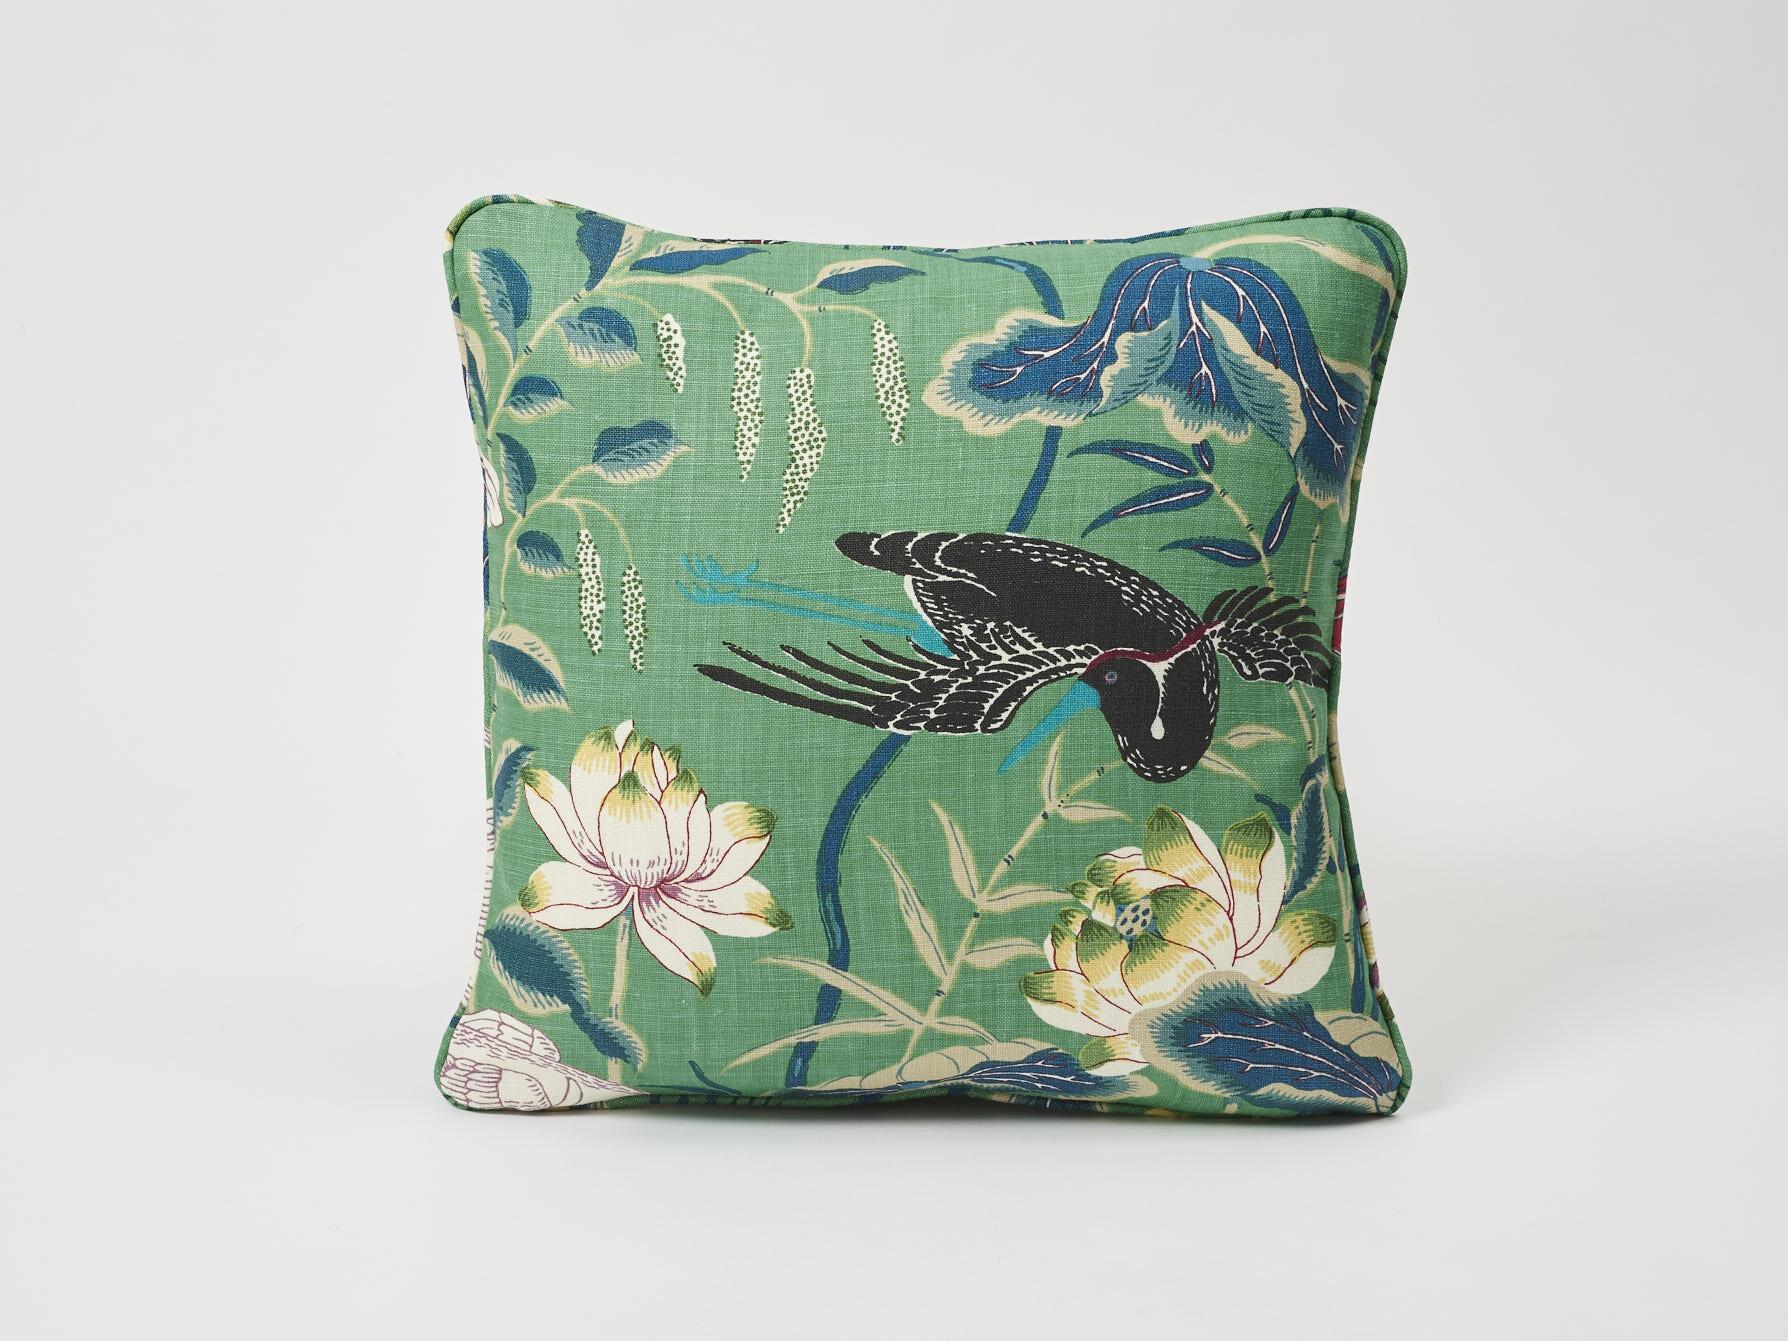 Schumacher Lotus Garden Linen Floral Throw Pillow Perigold